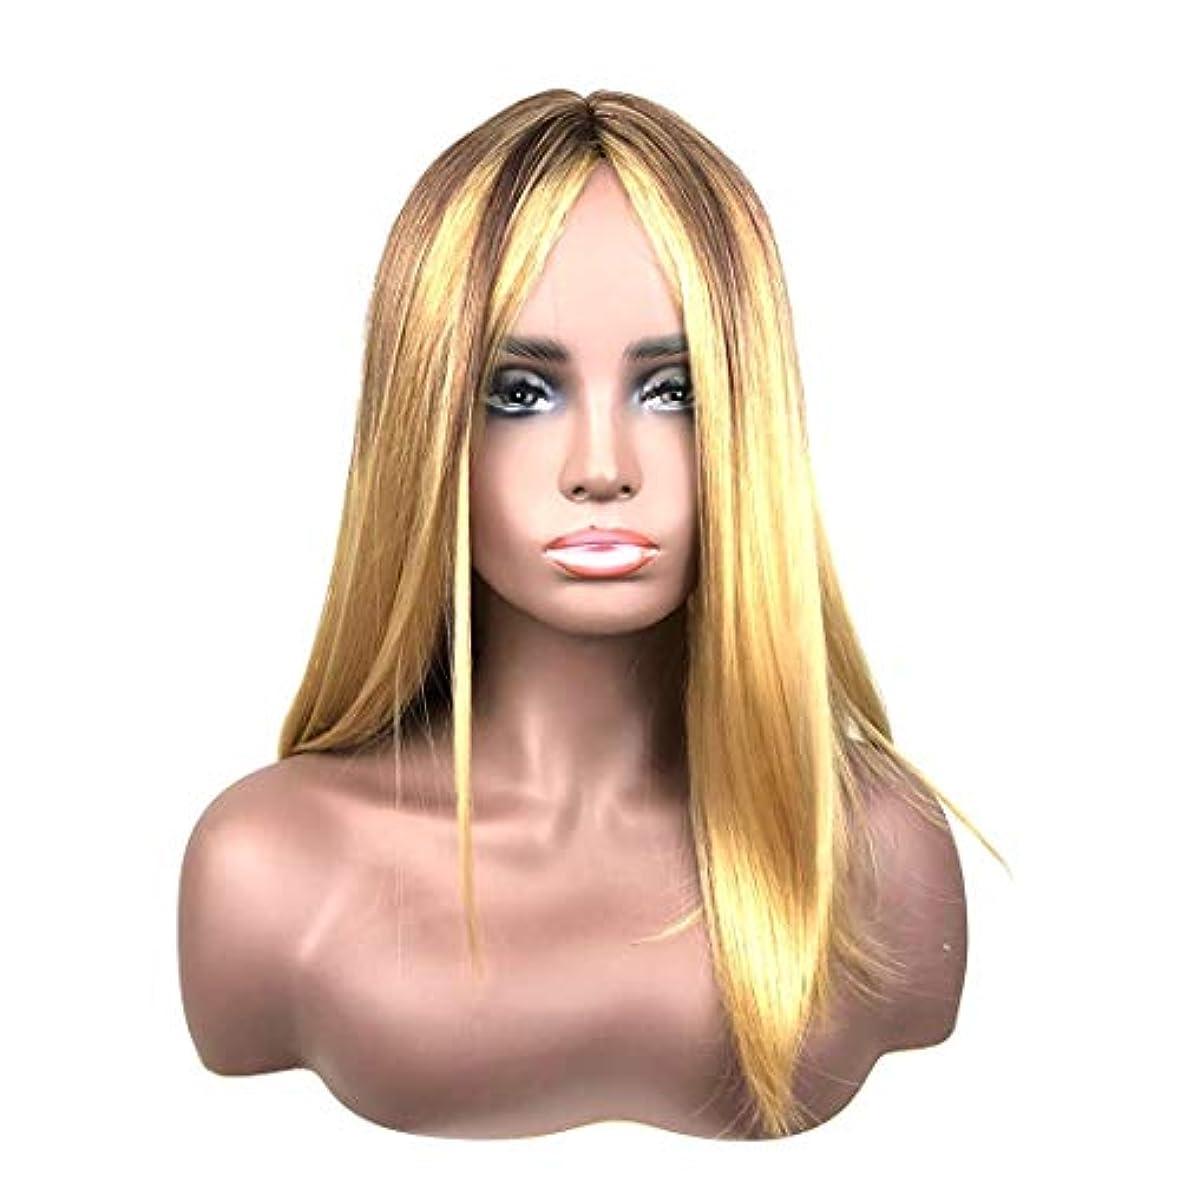 美徳カーペットマカダムKerwinner 前髪合成耐熱性女性のヘアスタイルと短いふわふわボブ変態ストレートヘアウィッグ